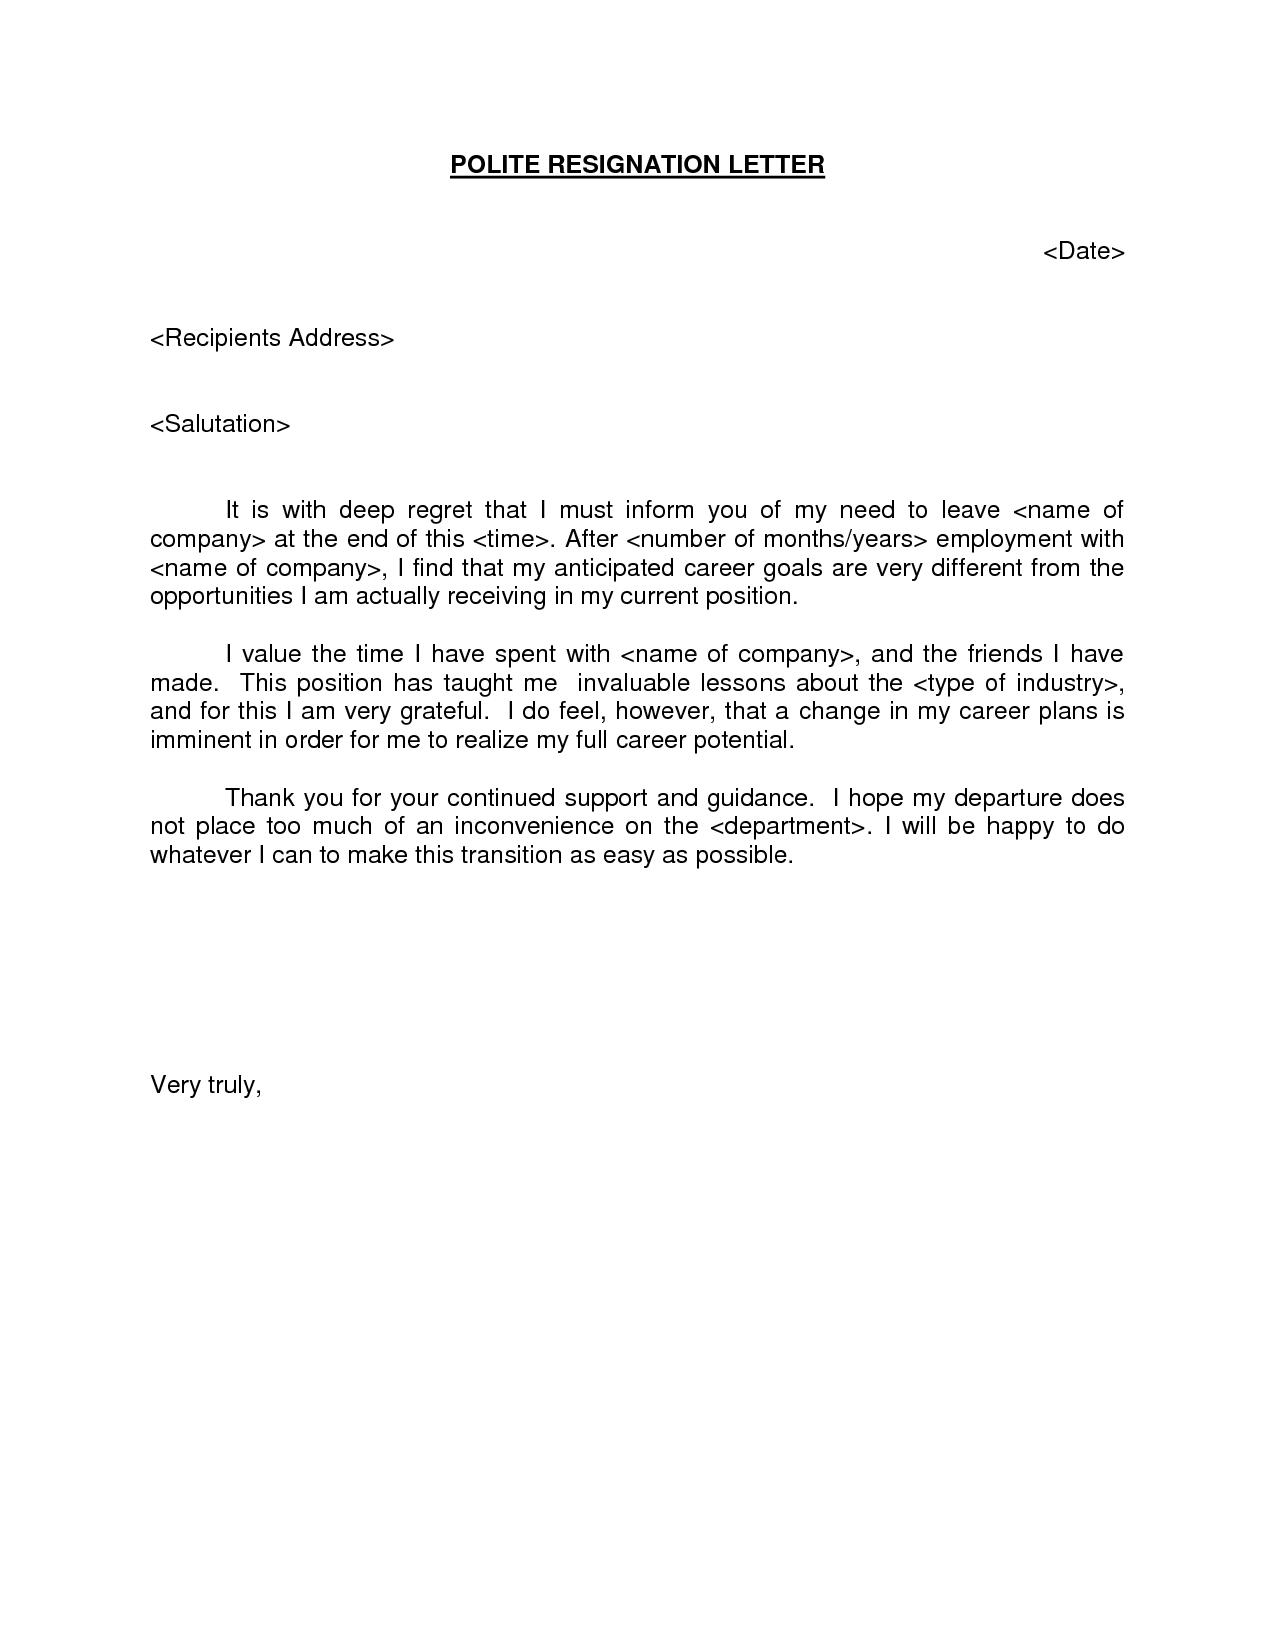 Letter Of Resignation Nursing Template - Polite Resignation Letter Bestdealformoneywriting A Letter